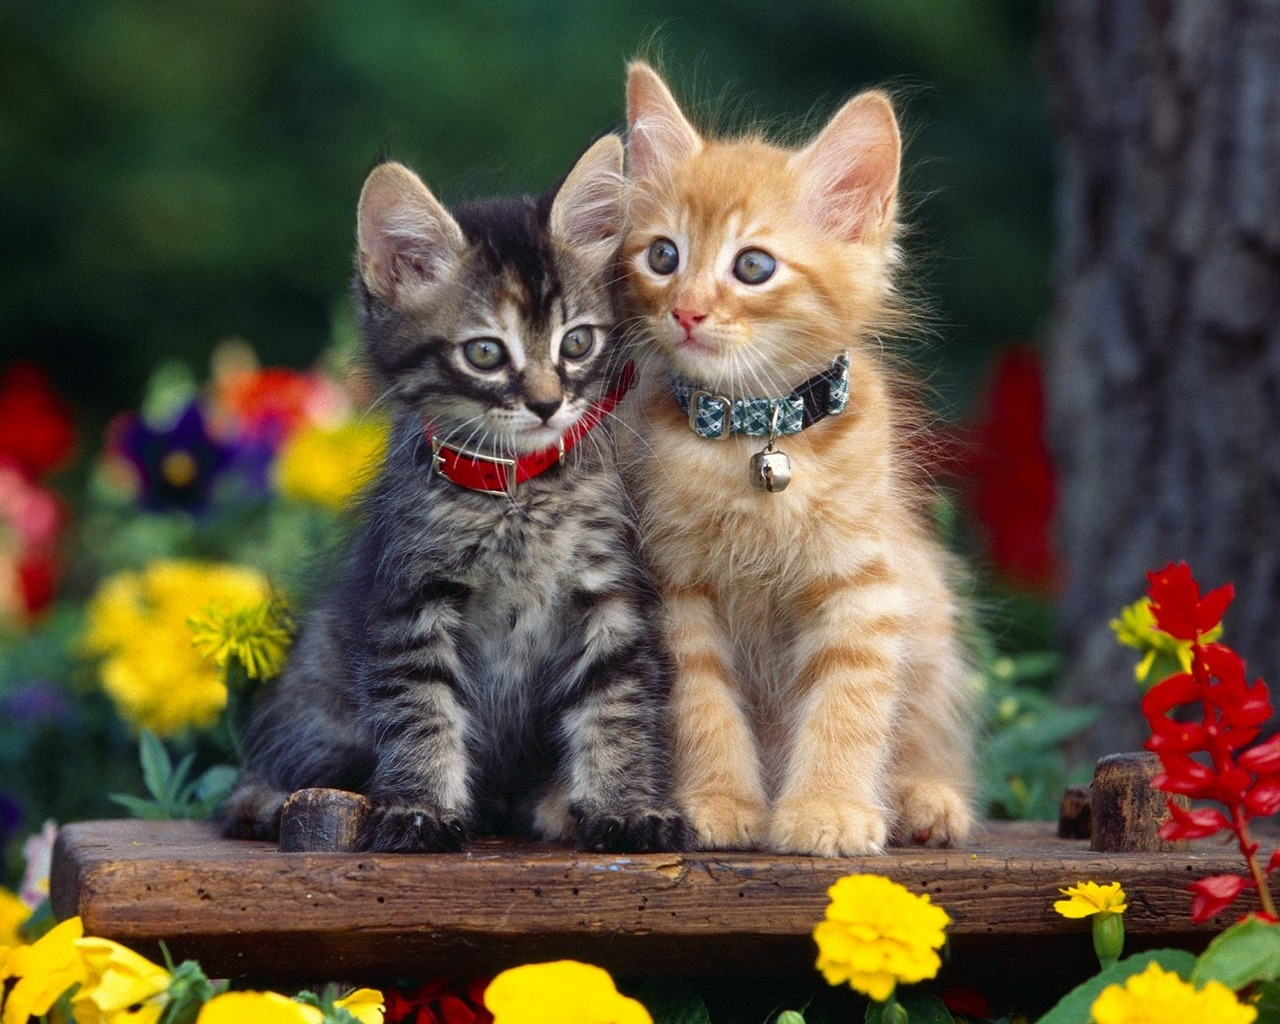 New: Cats Wallpaper / Cute / Funny / Beautiful